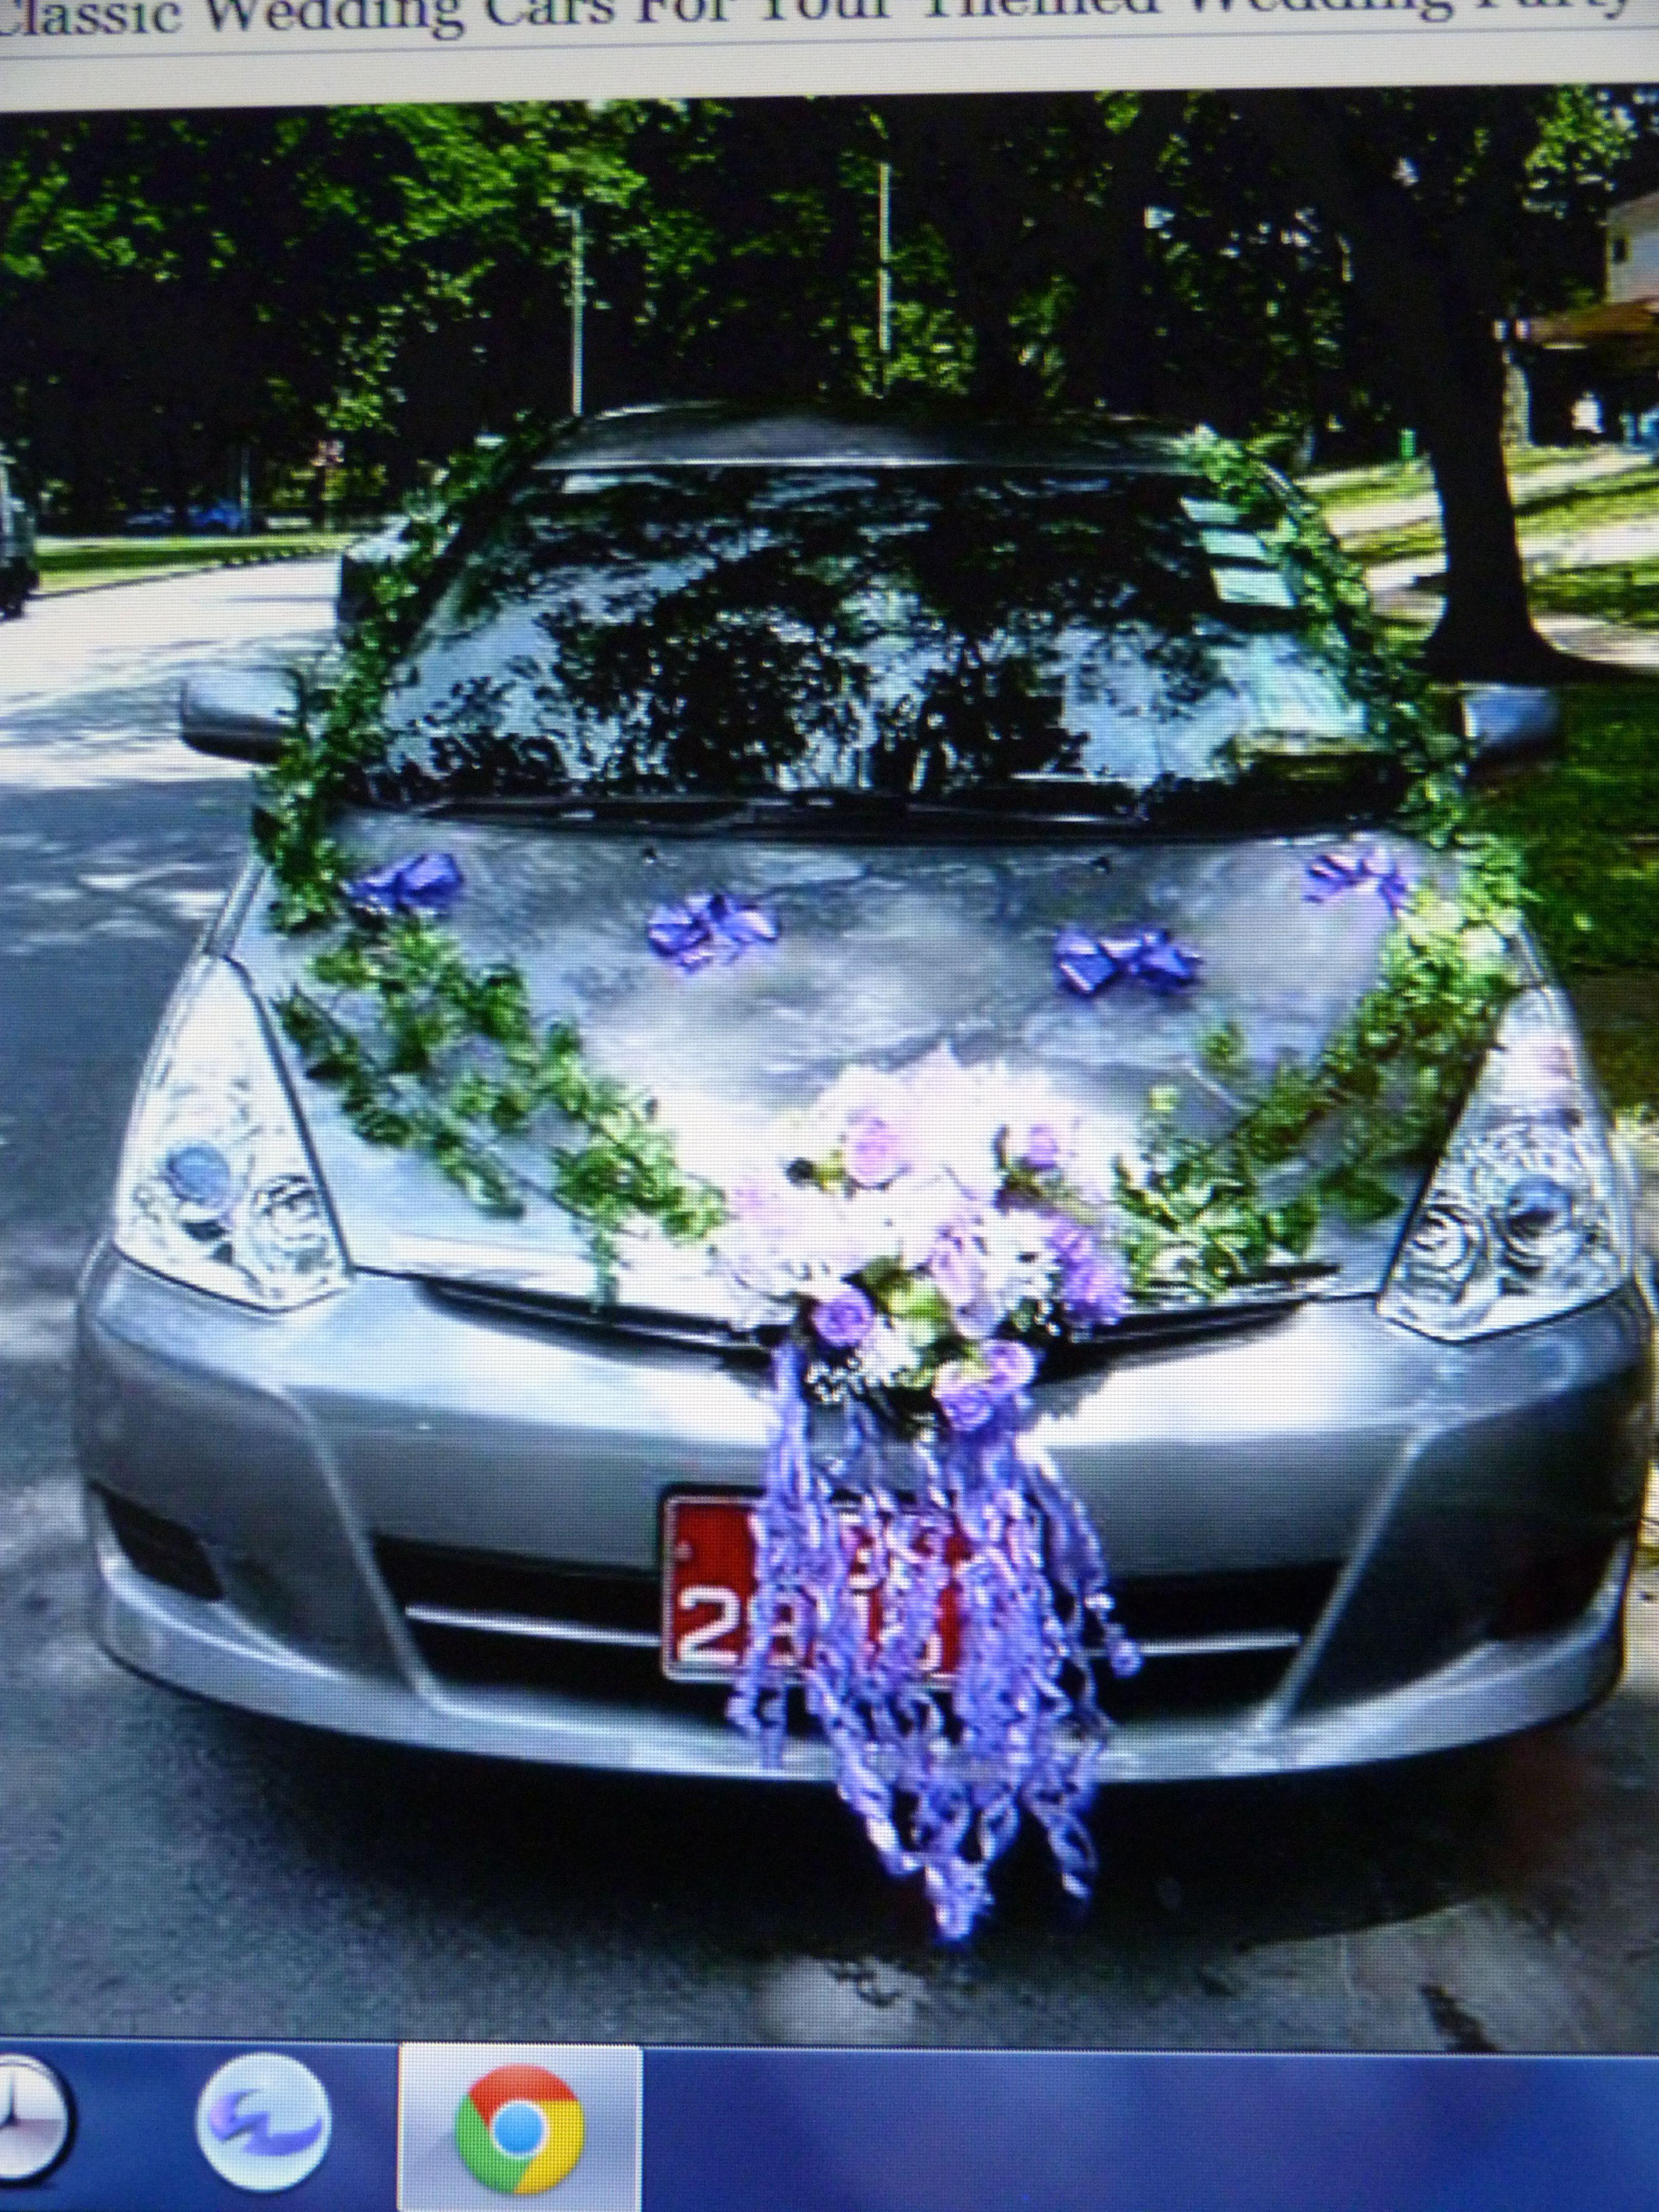 Wedding Car Decorations Add Teddy Bears Dressed As Bride Groom